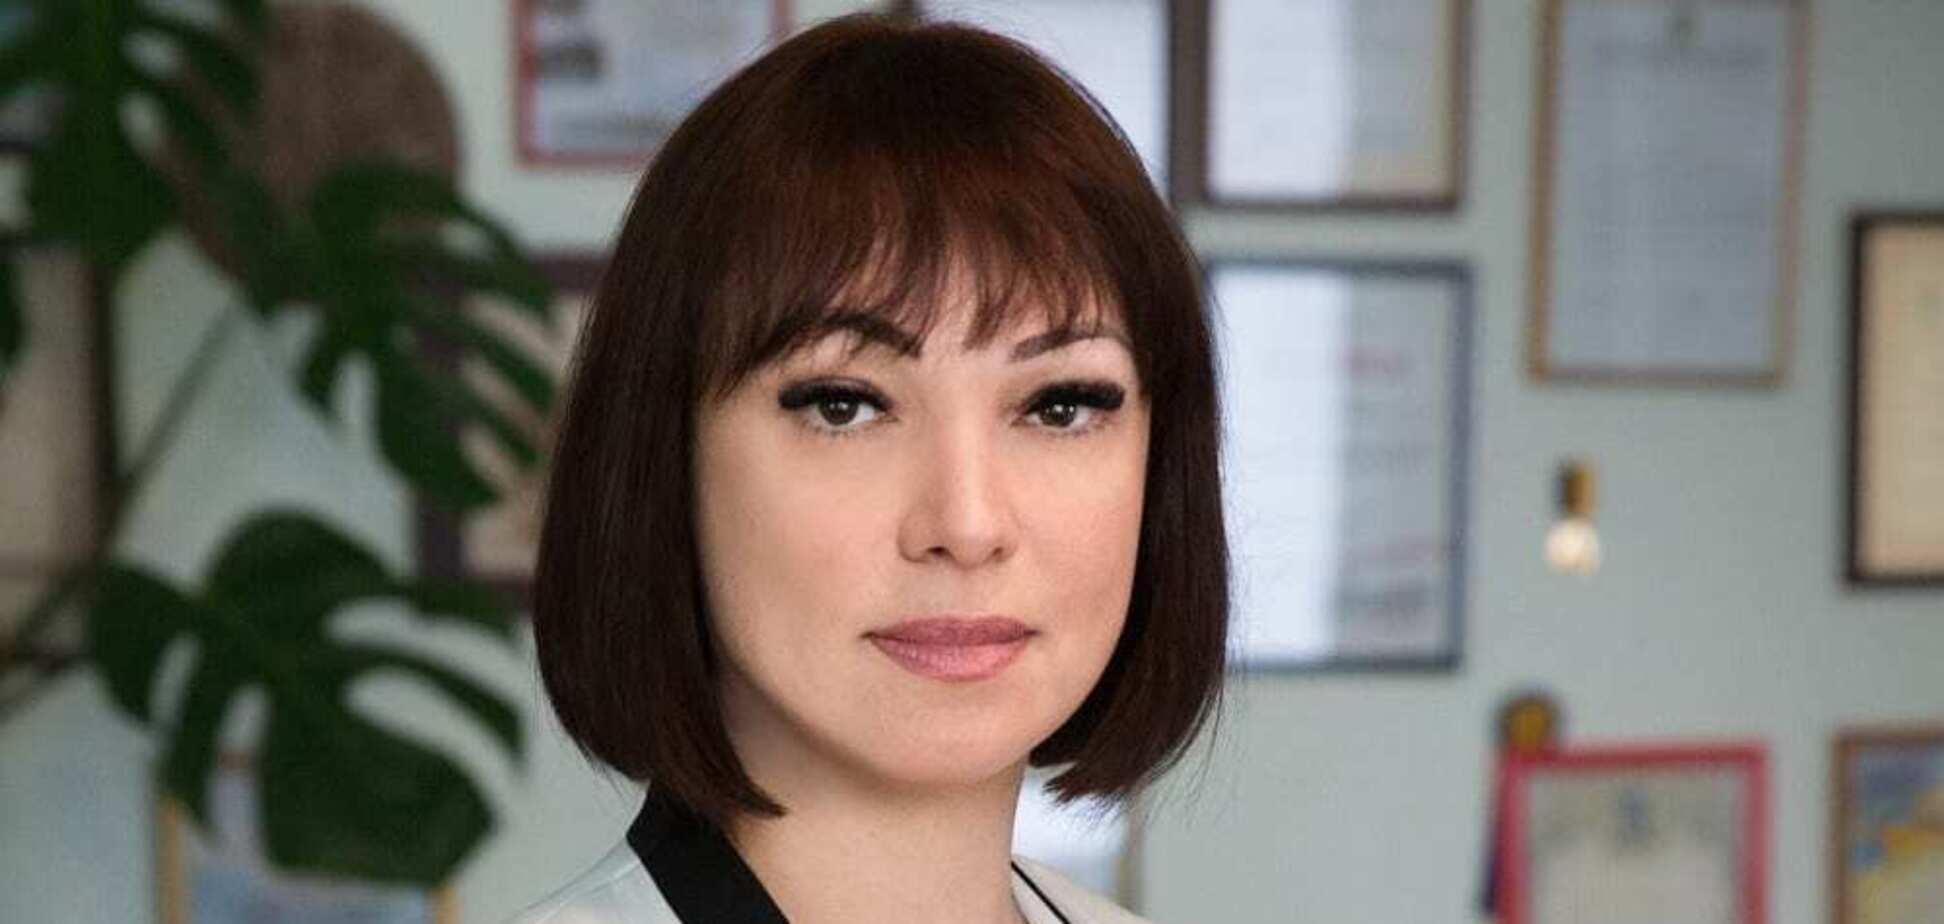 Тетяна Ричкова виявилася власницею земельної ділянки в елітному передмісті Львова